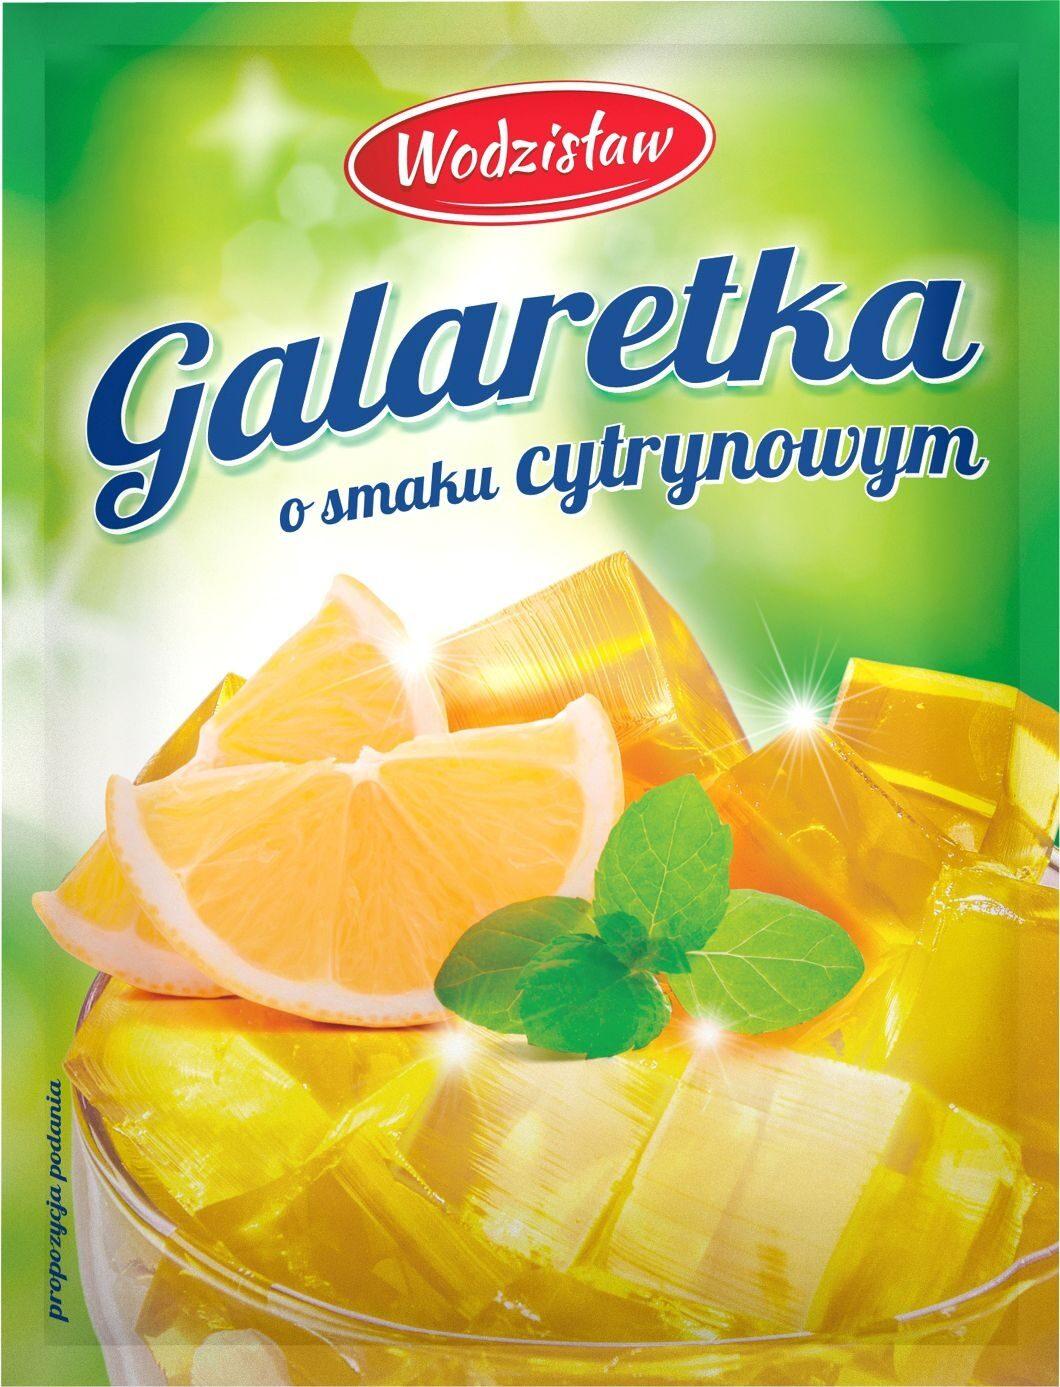 Galaretka o smaku cytrynowym - Product - pl